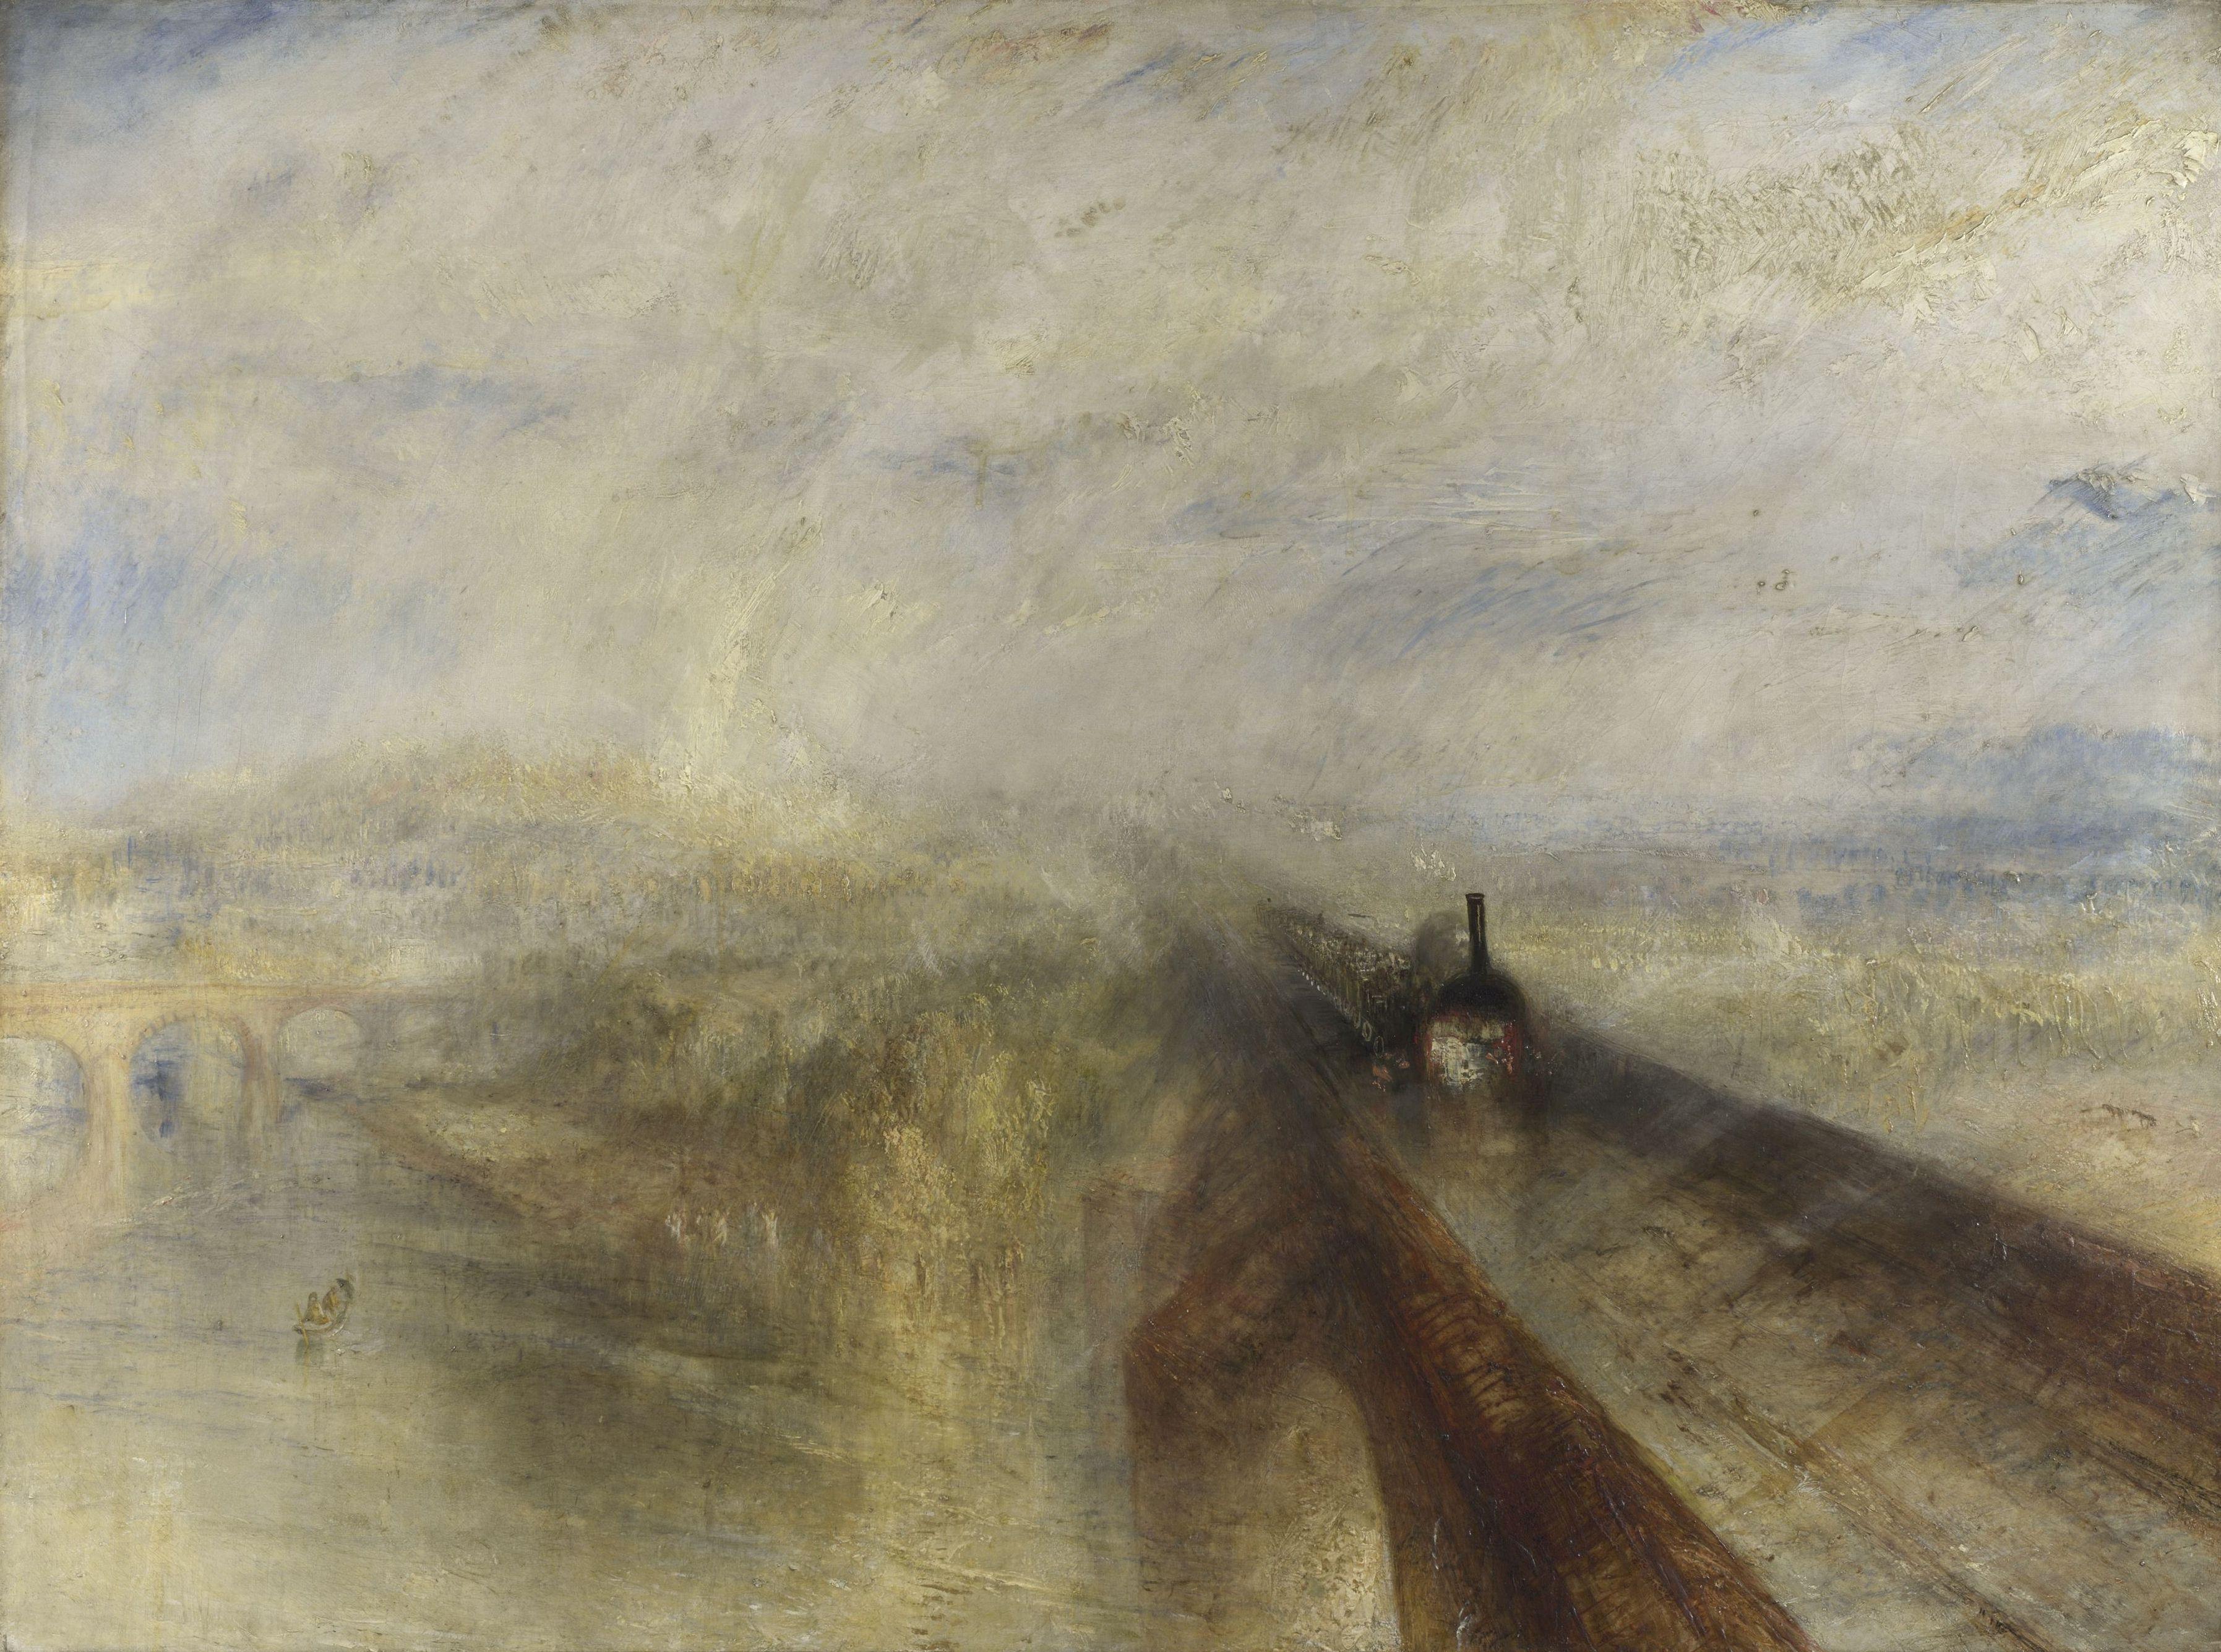 L'inquinamento nella storia dell'arte è un racconto visivo che inizia nell'Ottocento e continua (purtroppo) fino a oggi